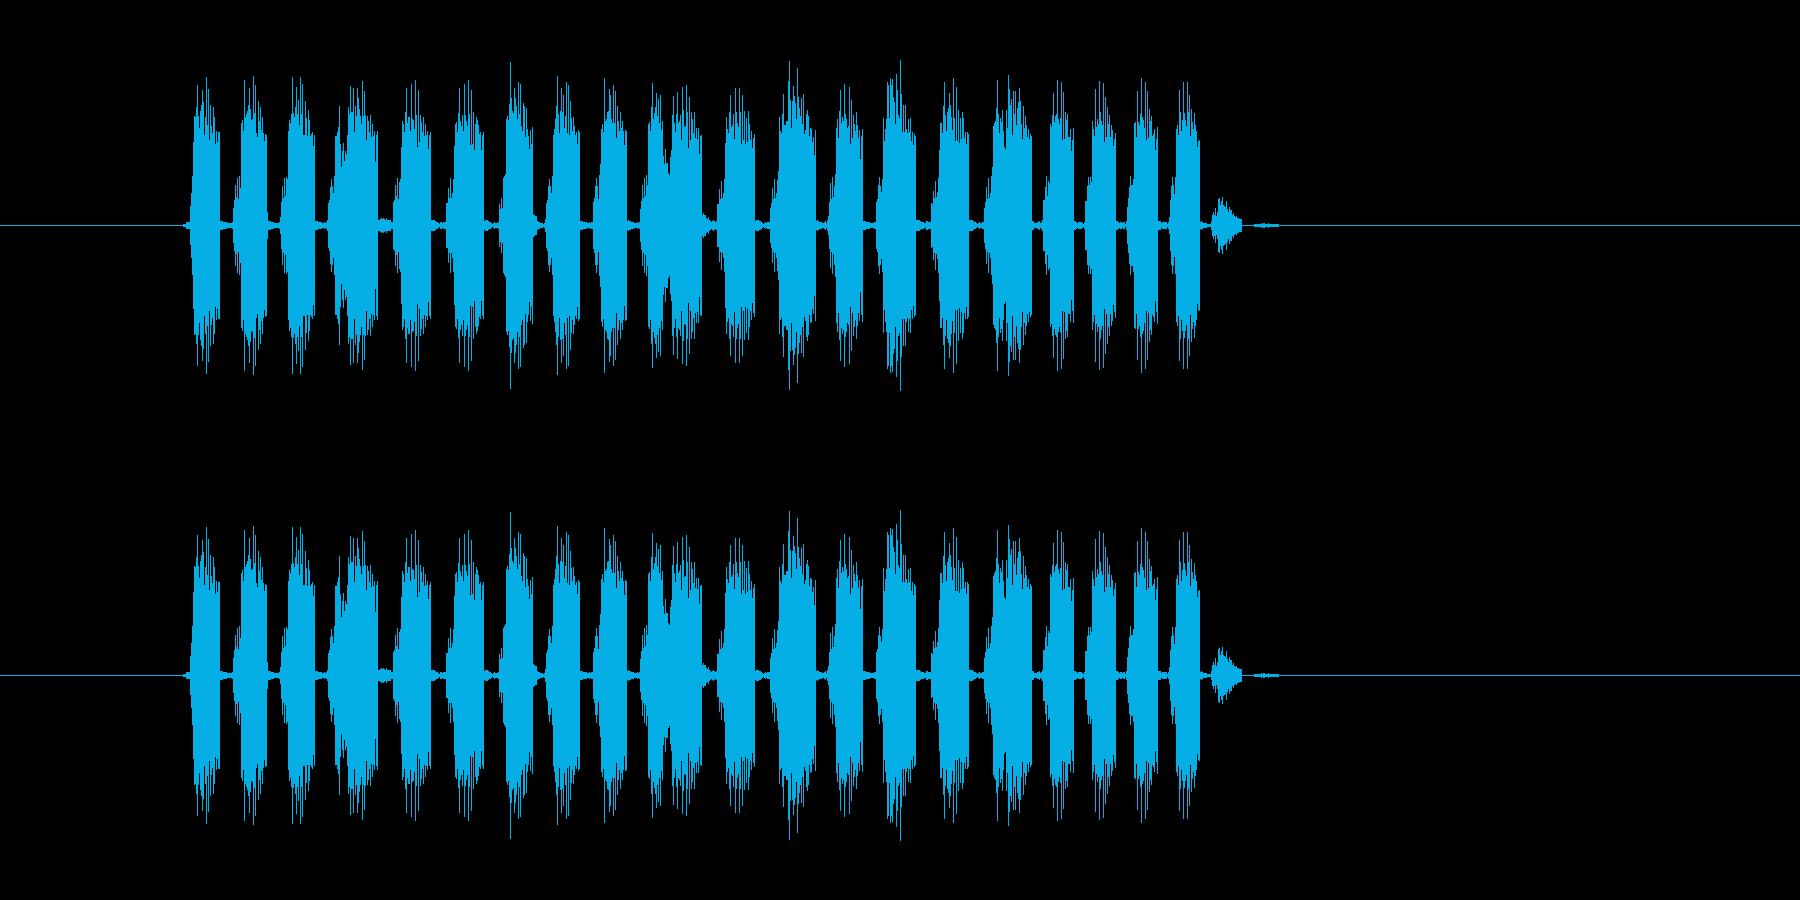 ババババーババババッ!(ランダム再生音)の再生済みの波形